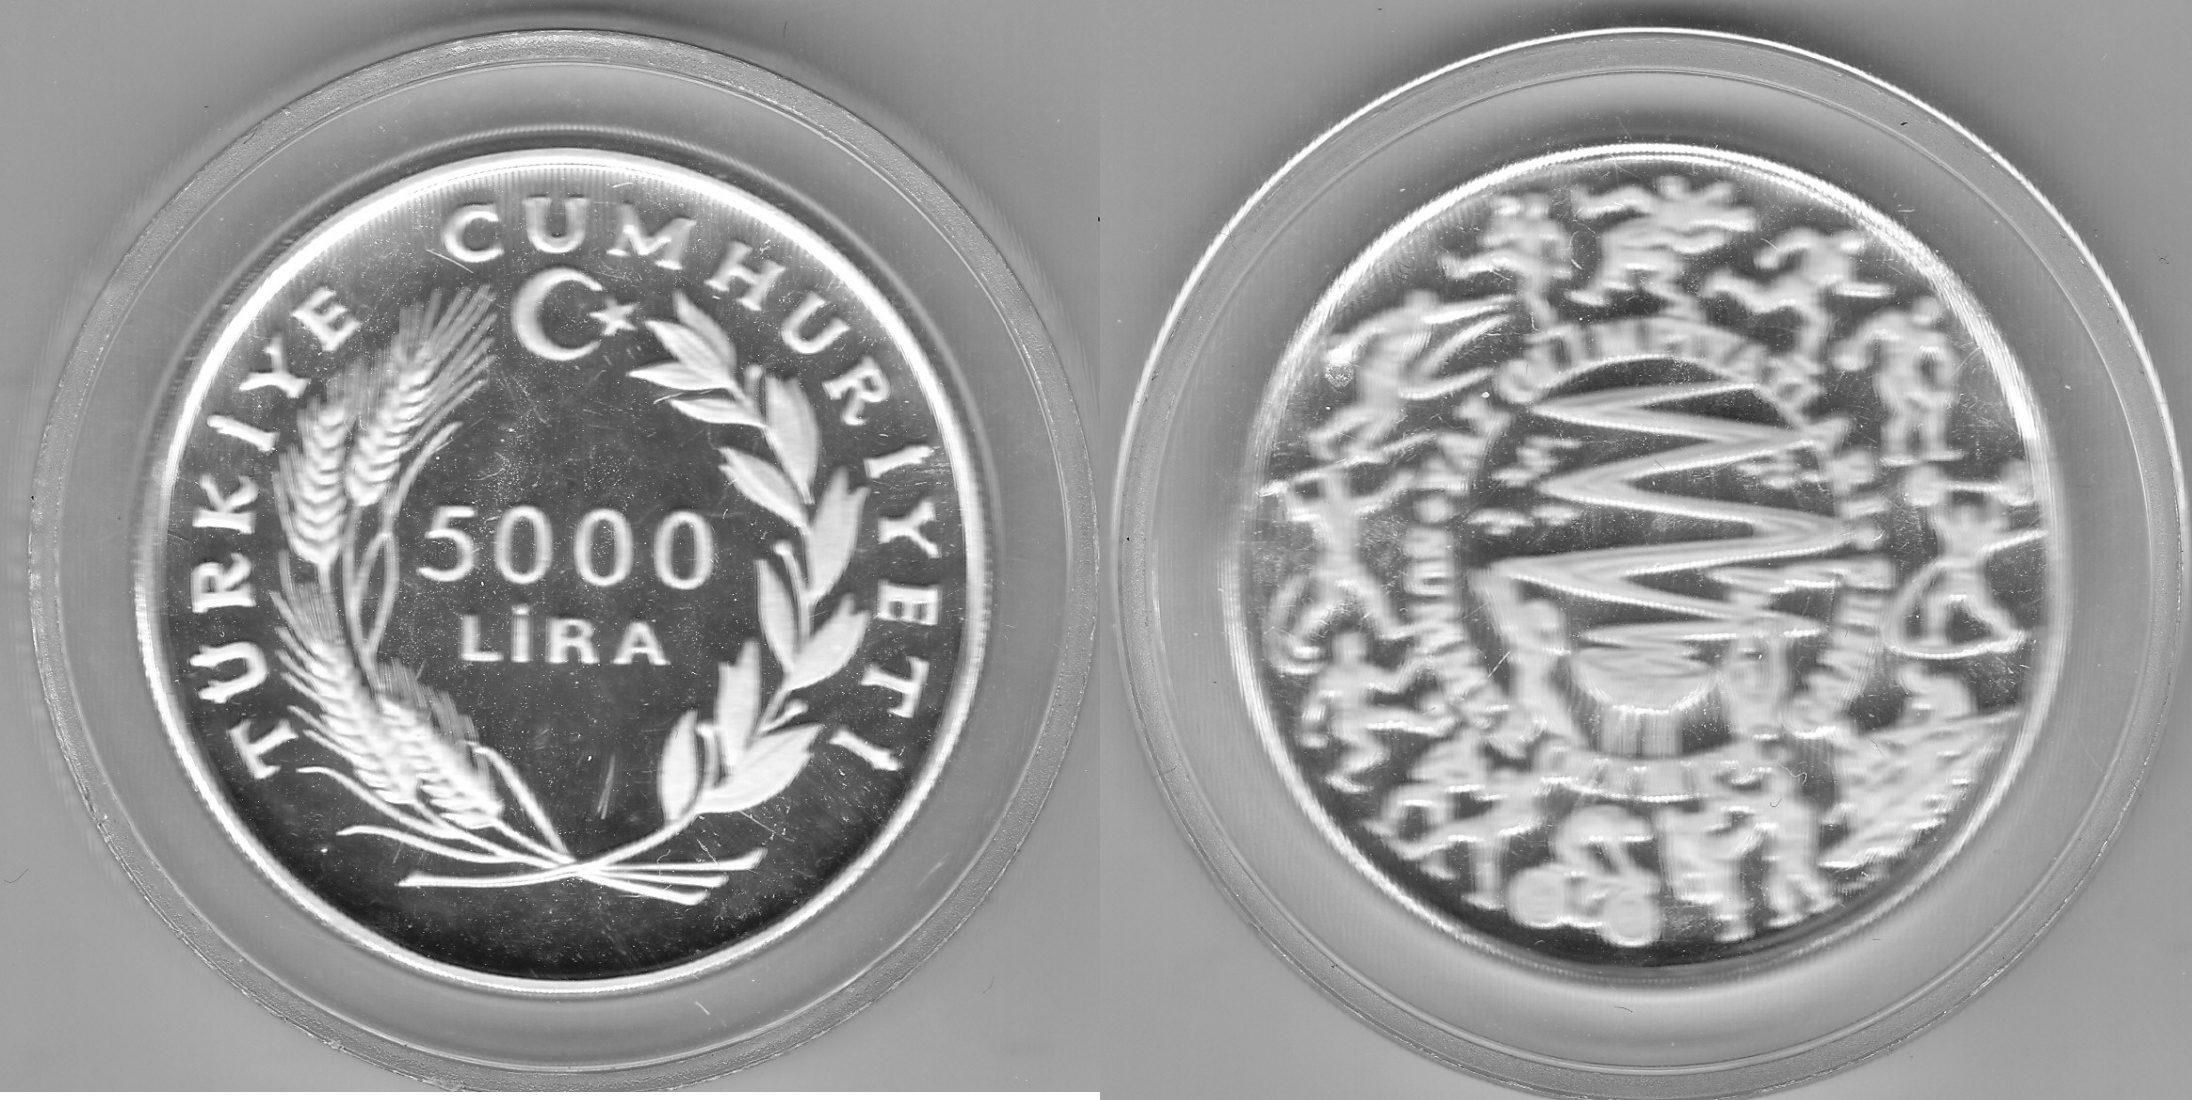 Türkei 5000 Lira 1984 Sommerspiele proof